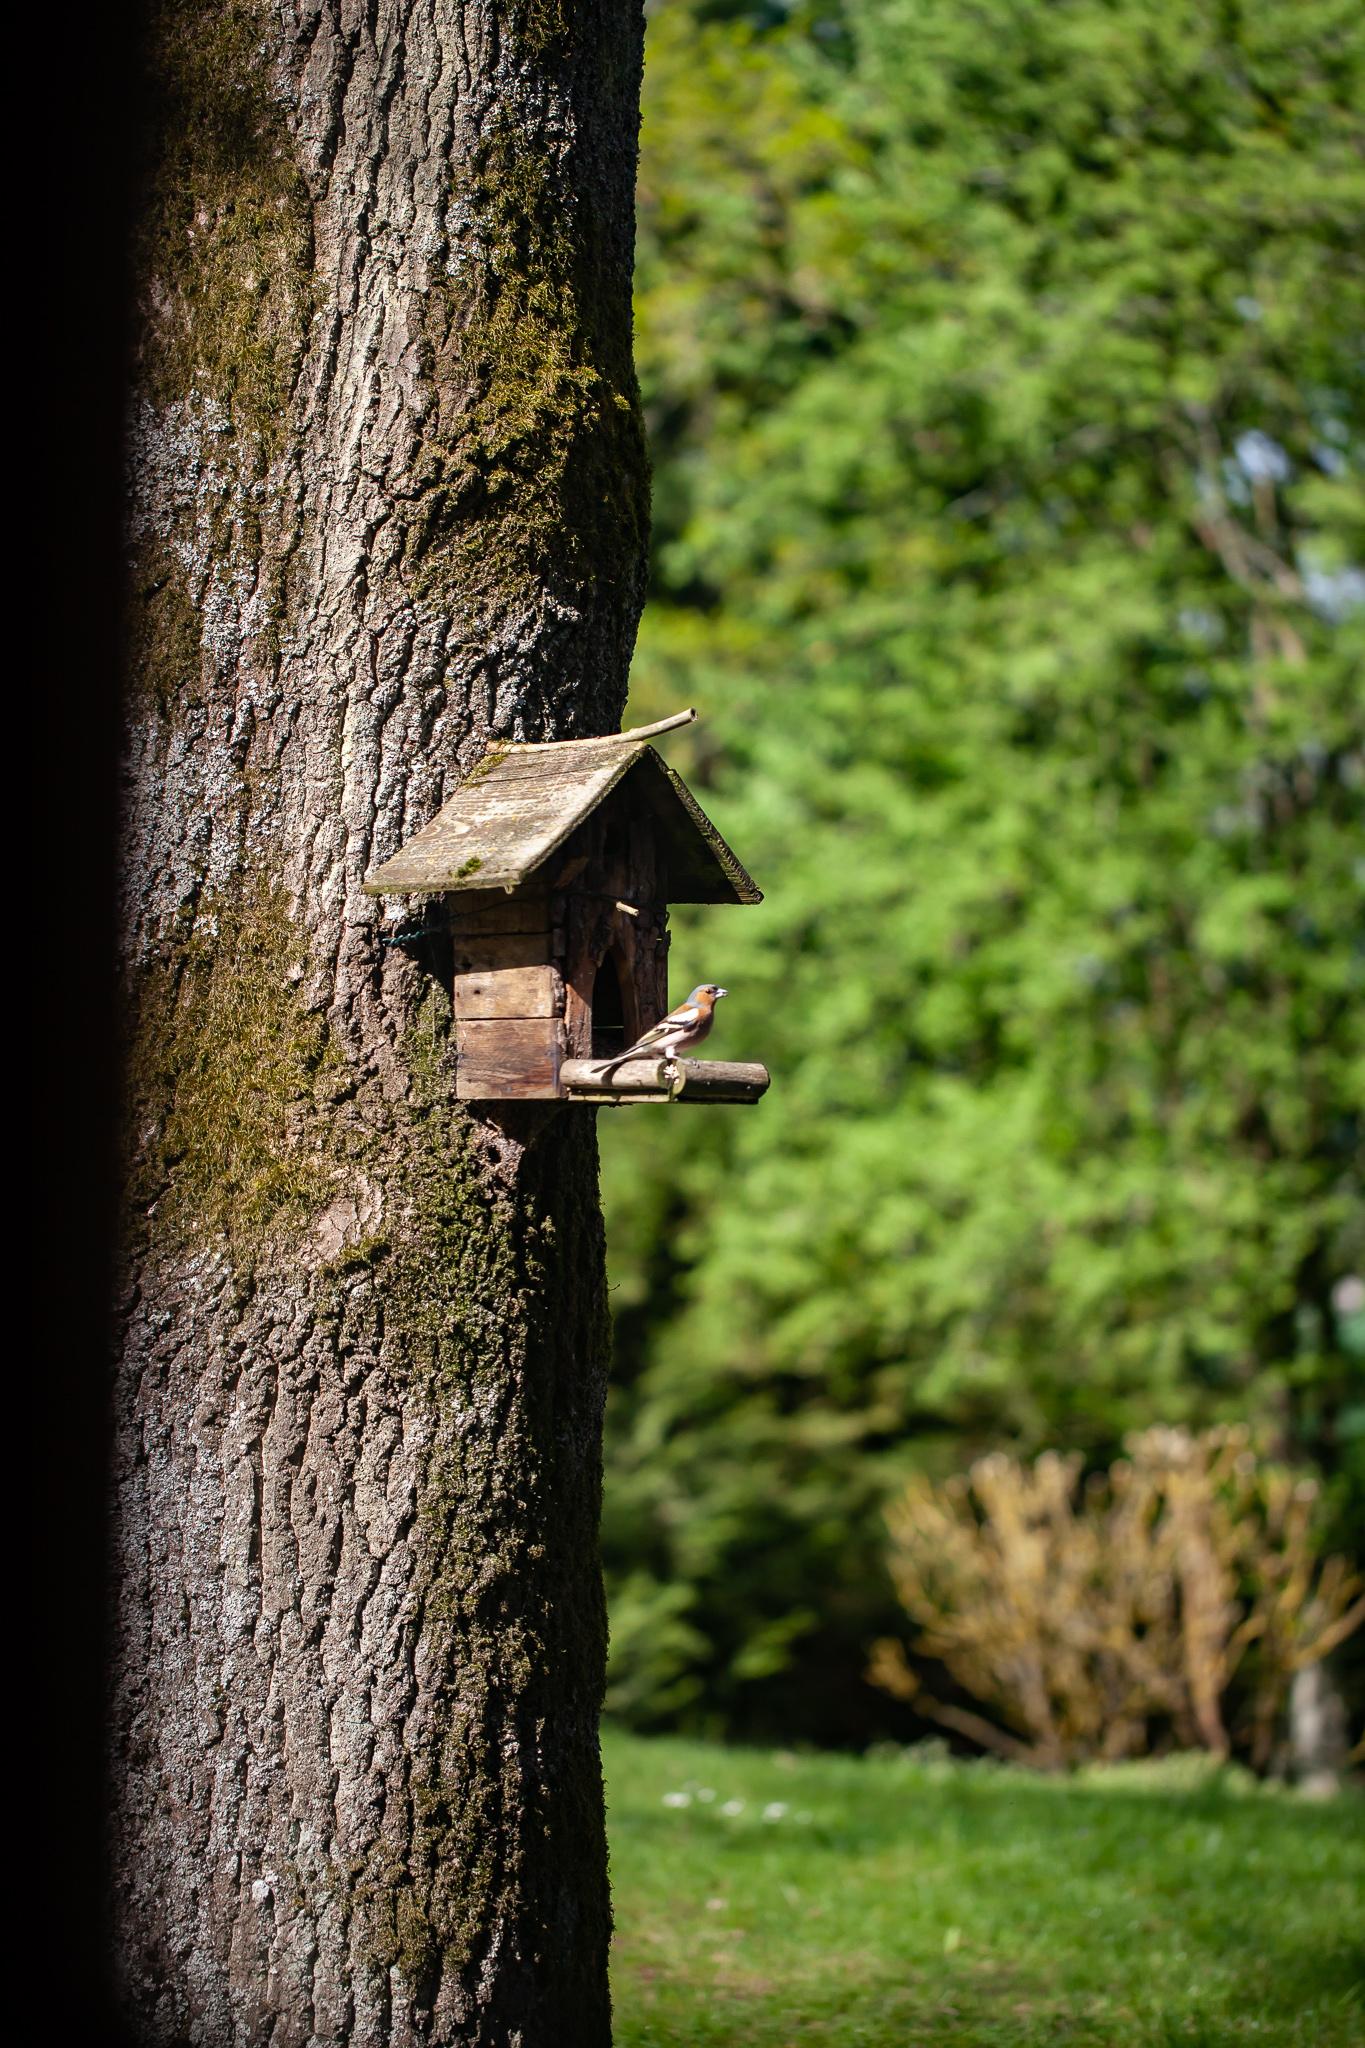 larbre, le nichoir et les oiseaux du jardin